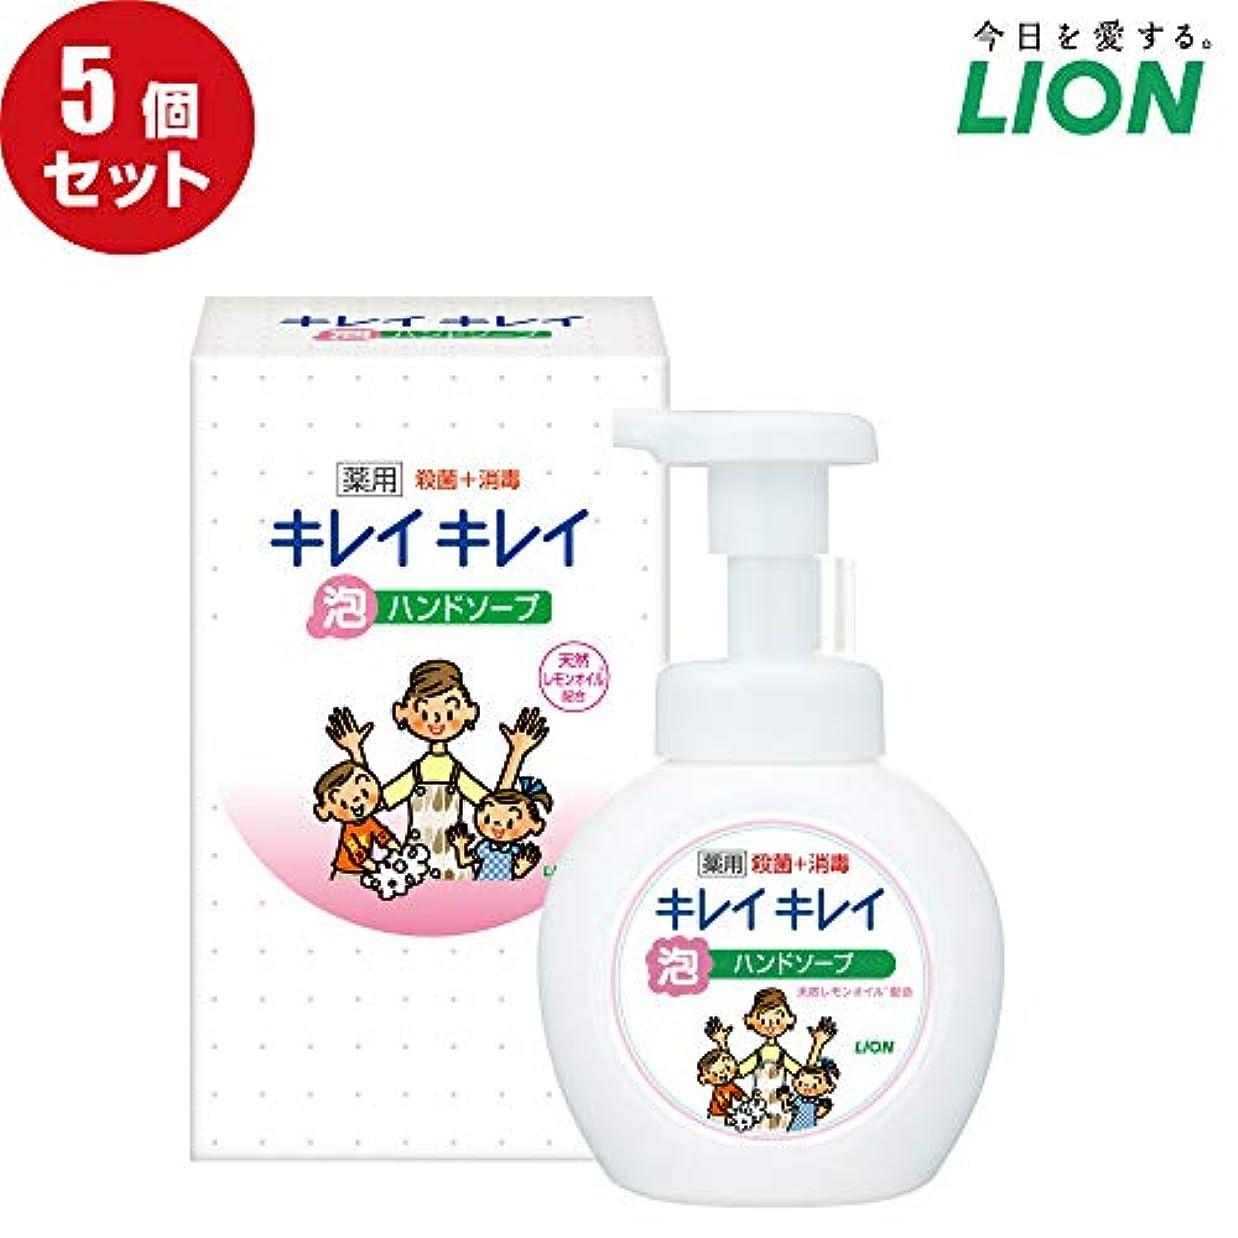 ルーム珍味かける【5個セット】LION キレイキレイ薬用泡ハンドソープ250ml ノベルティギフト用化粧箱入